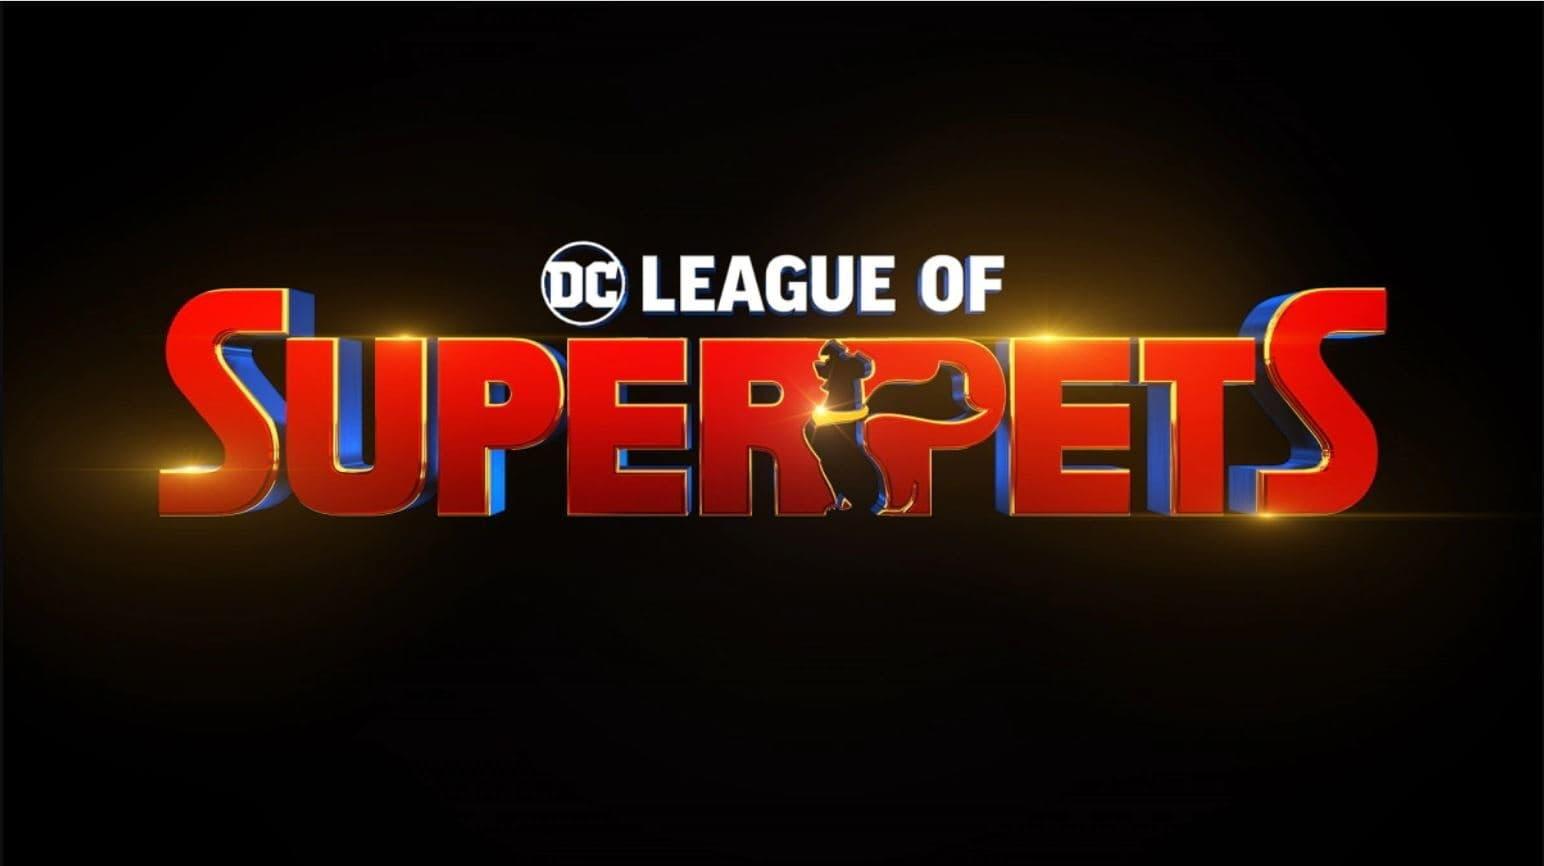 DC League of Super-Pets (2022)